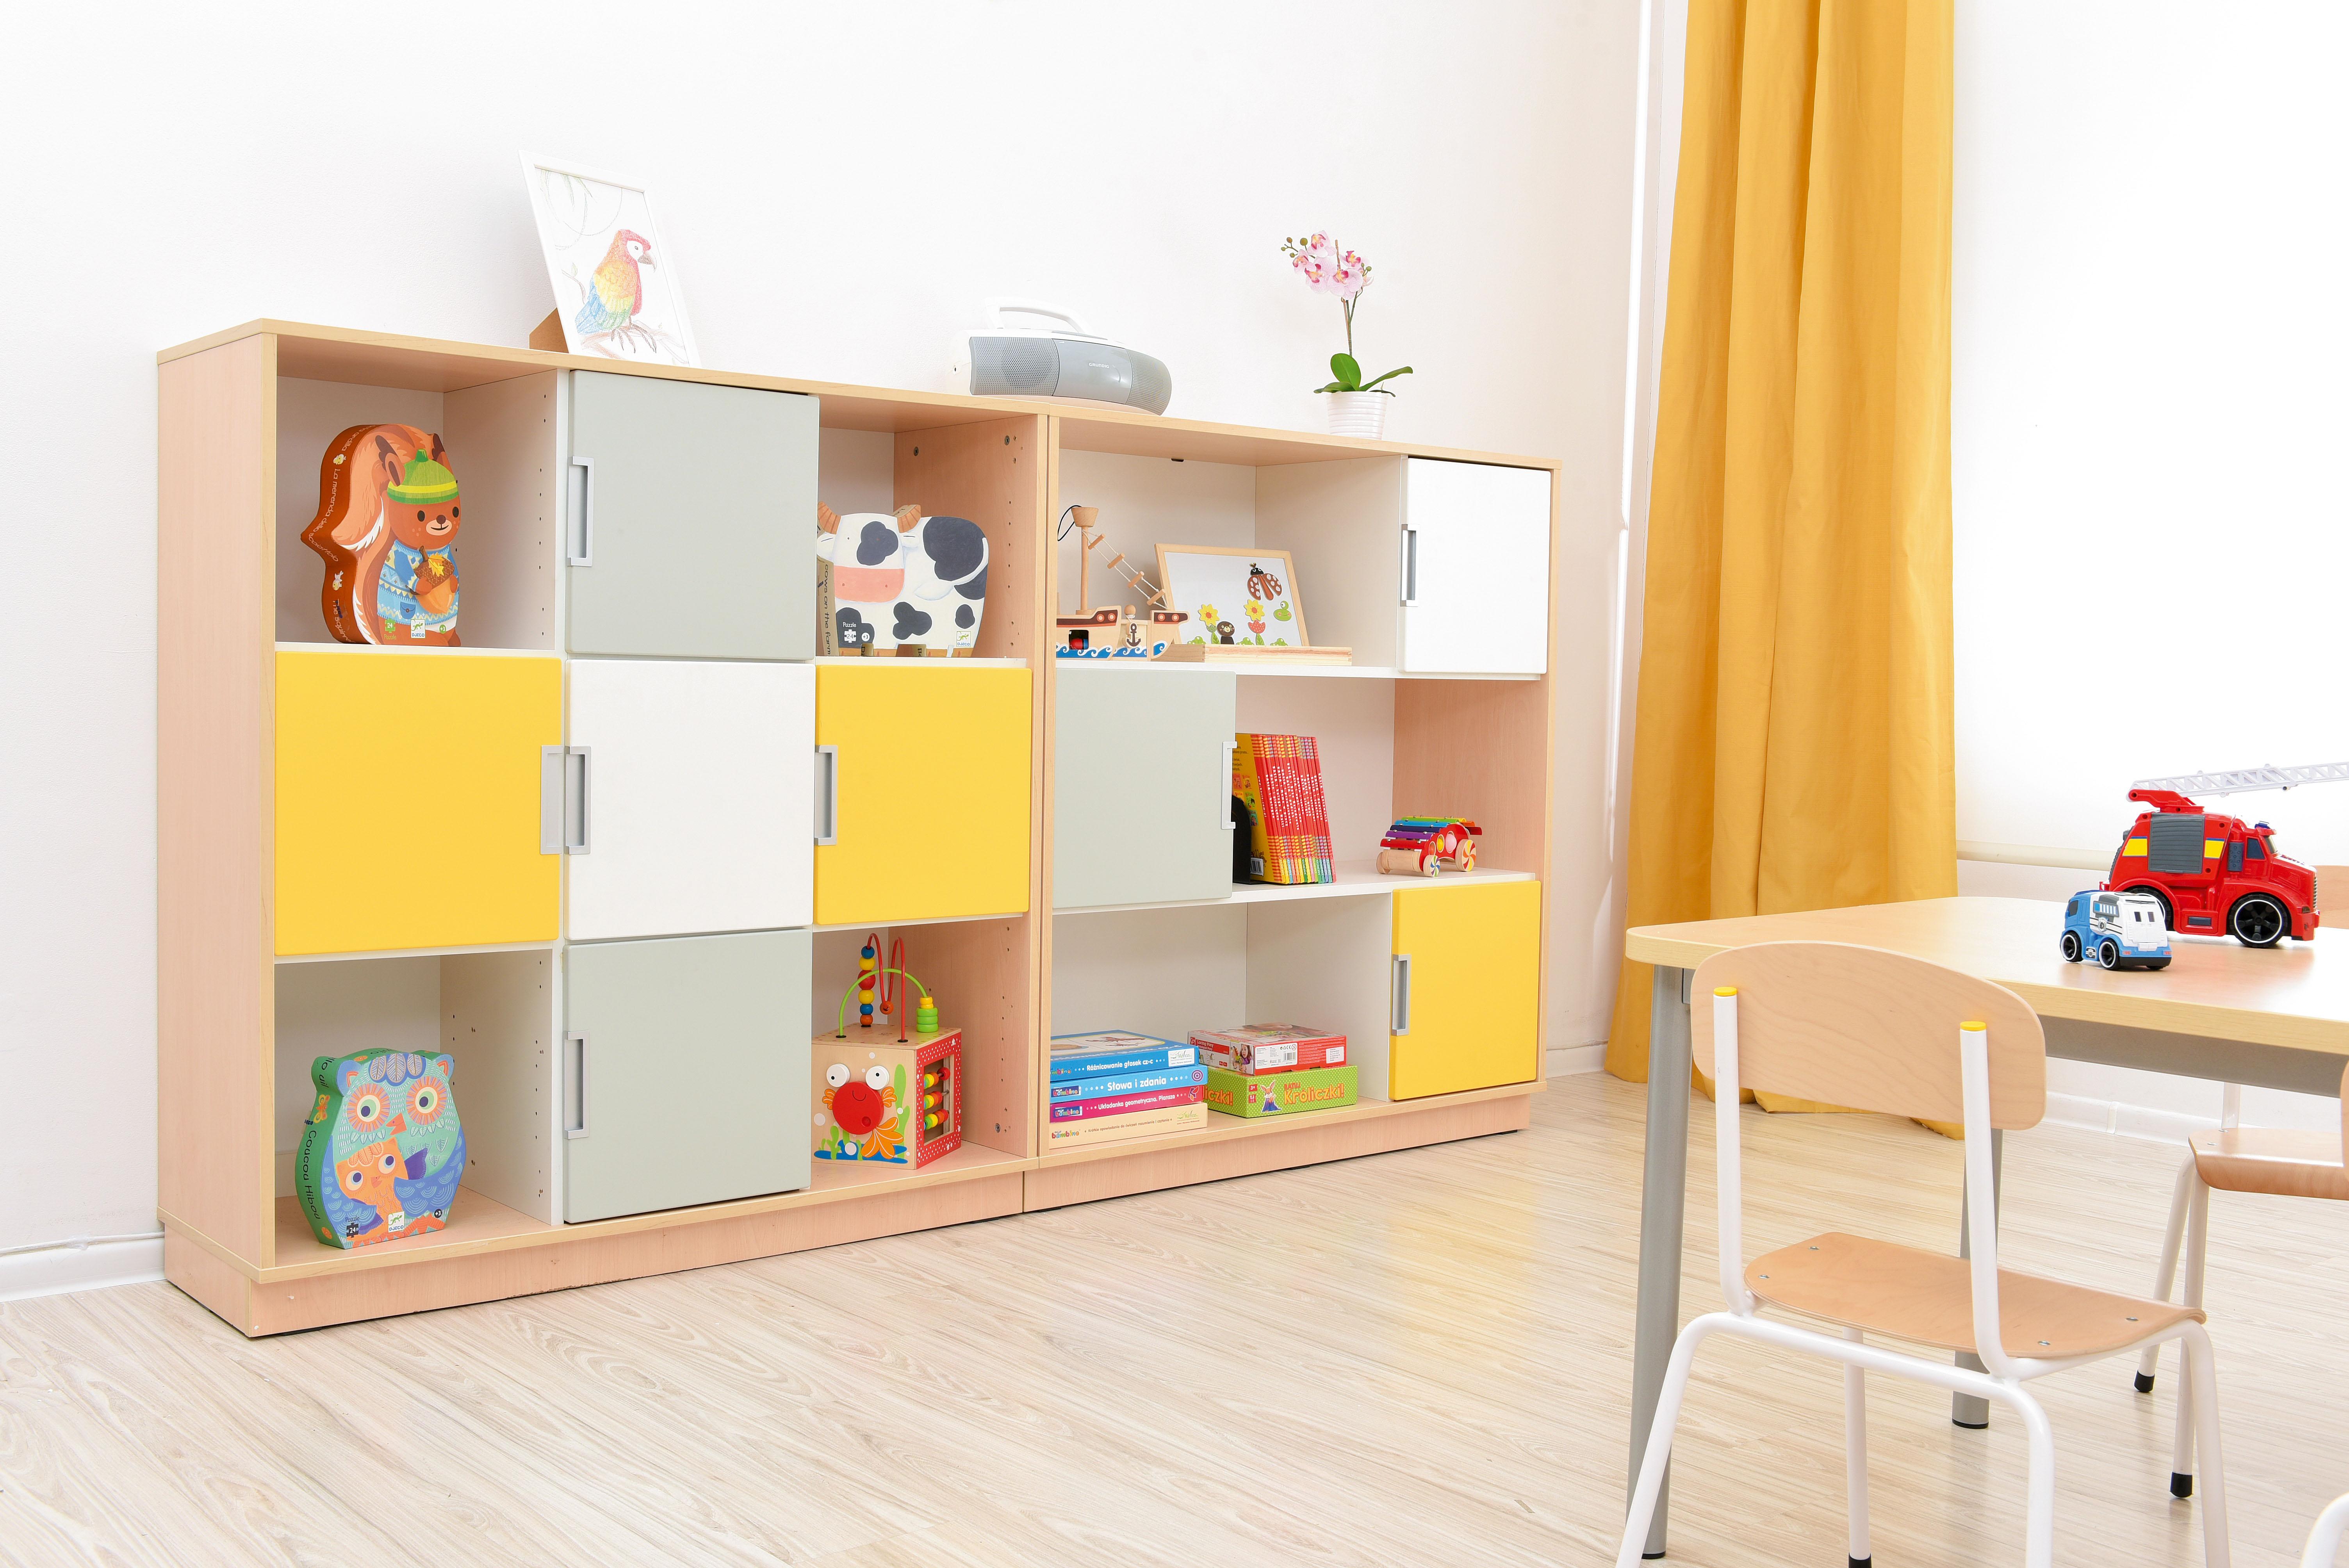 couleurs en maternelle fond classe